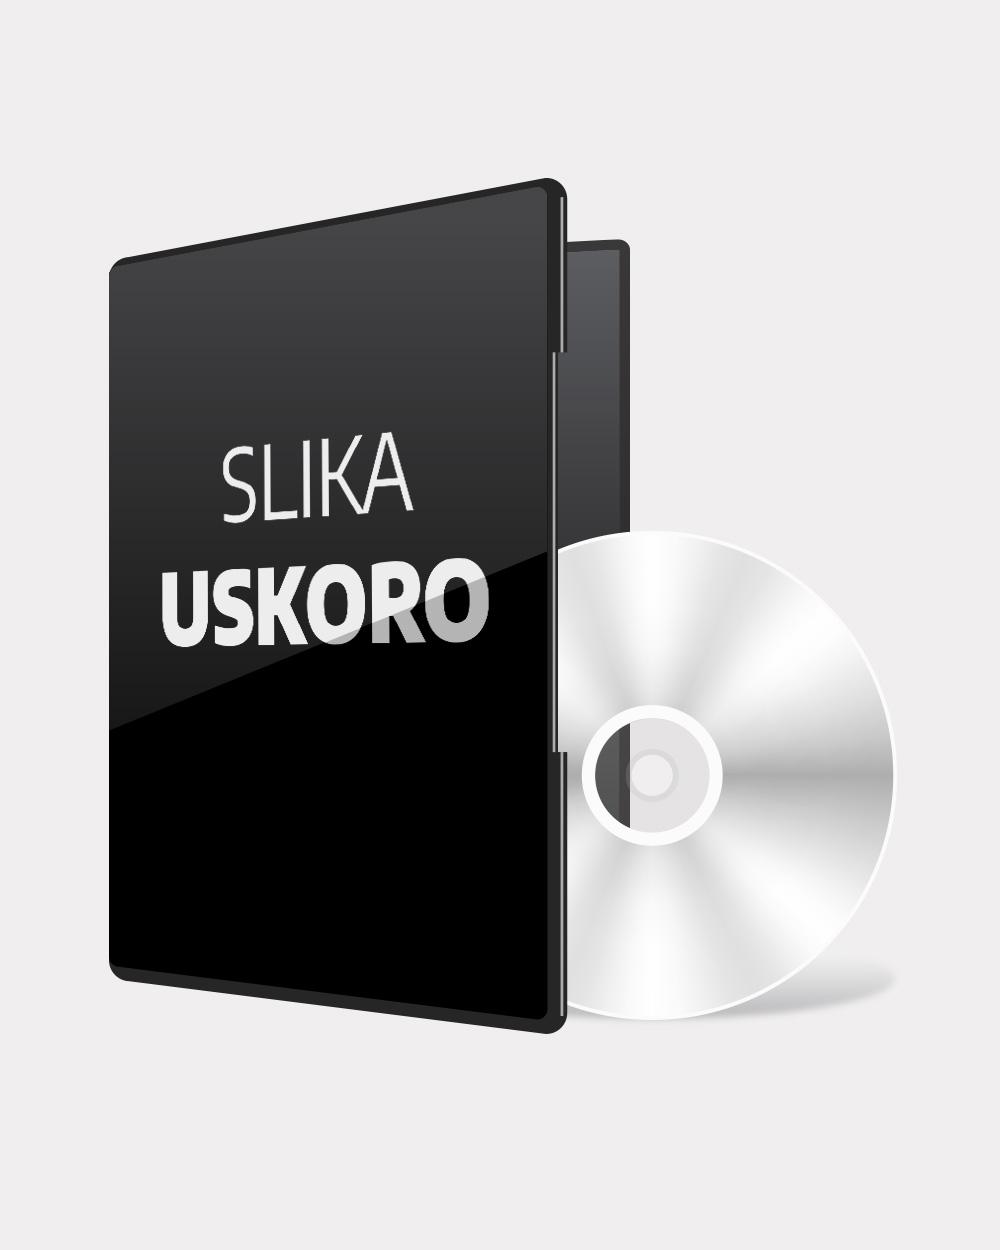 PS4 Final Fantasy XV Royal Edition